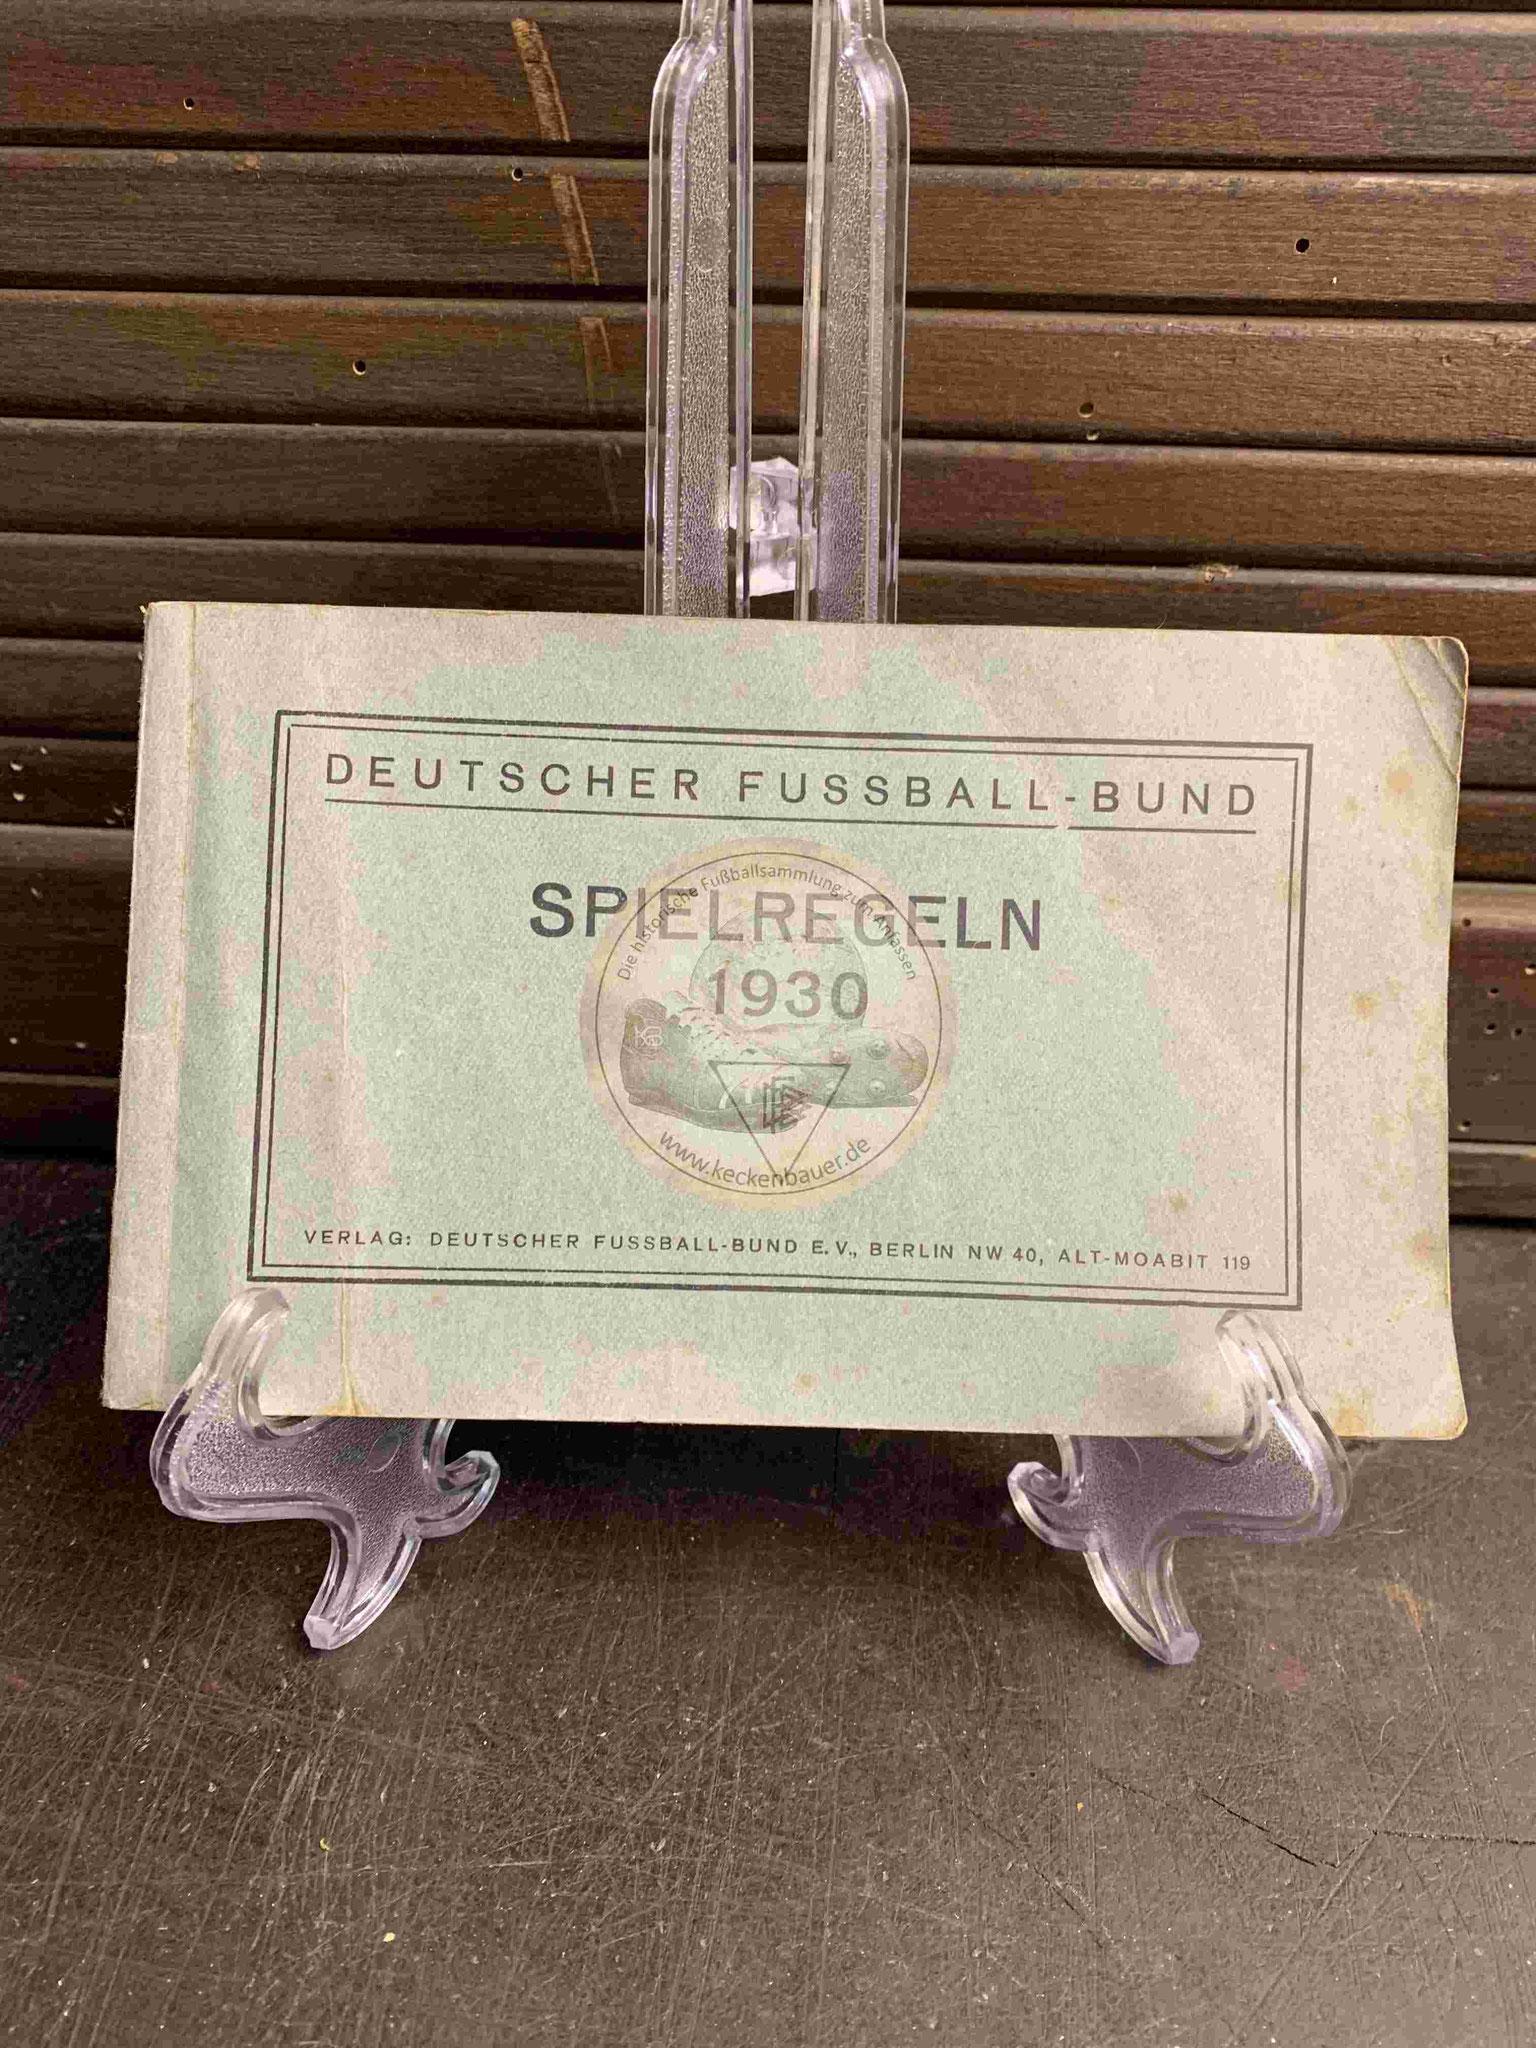 Fußballregeln des DFB aus dem Jahr 1930